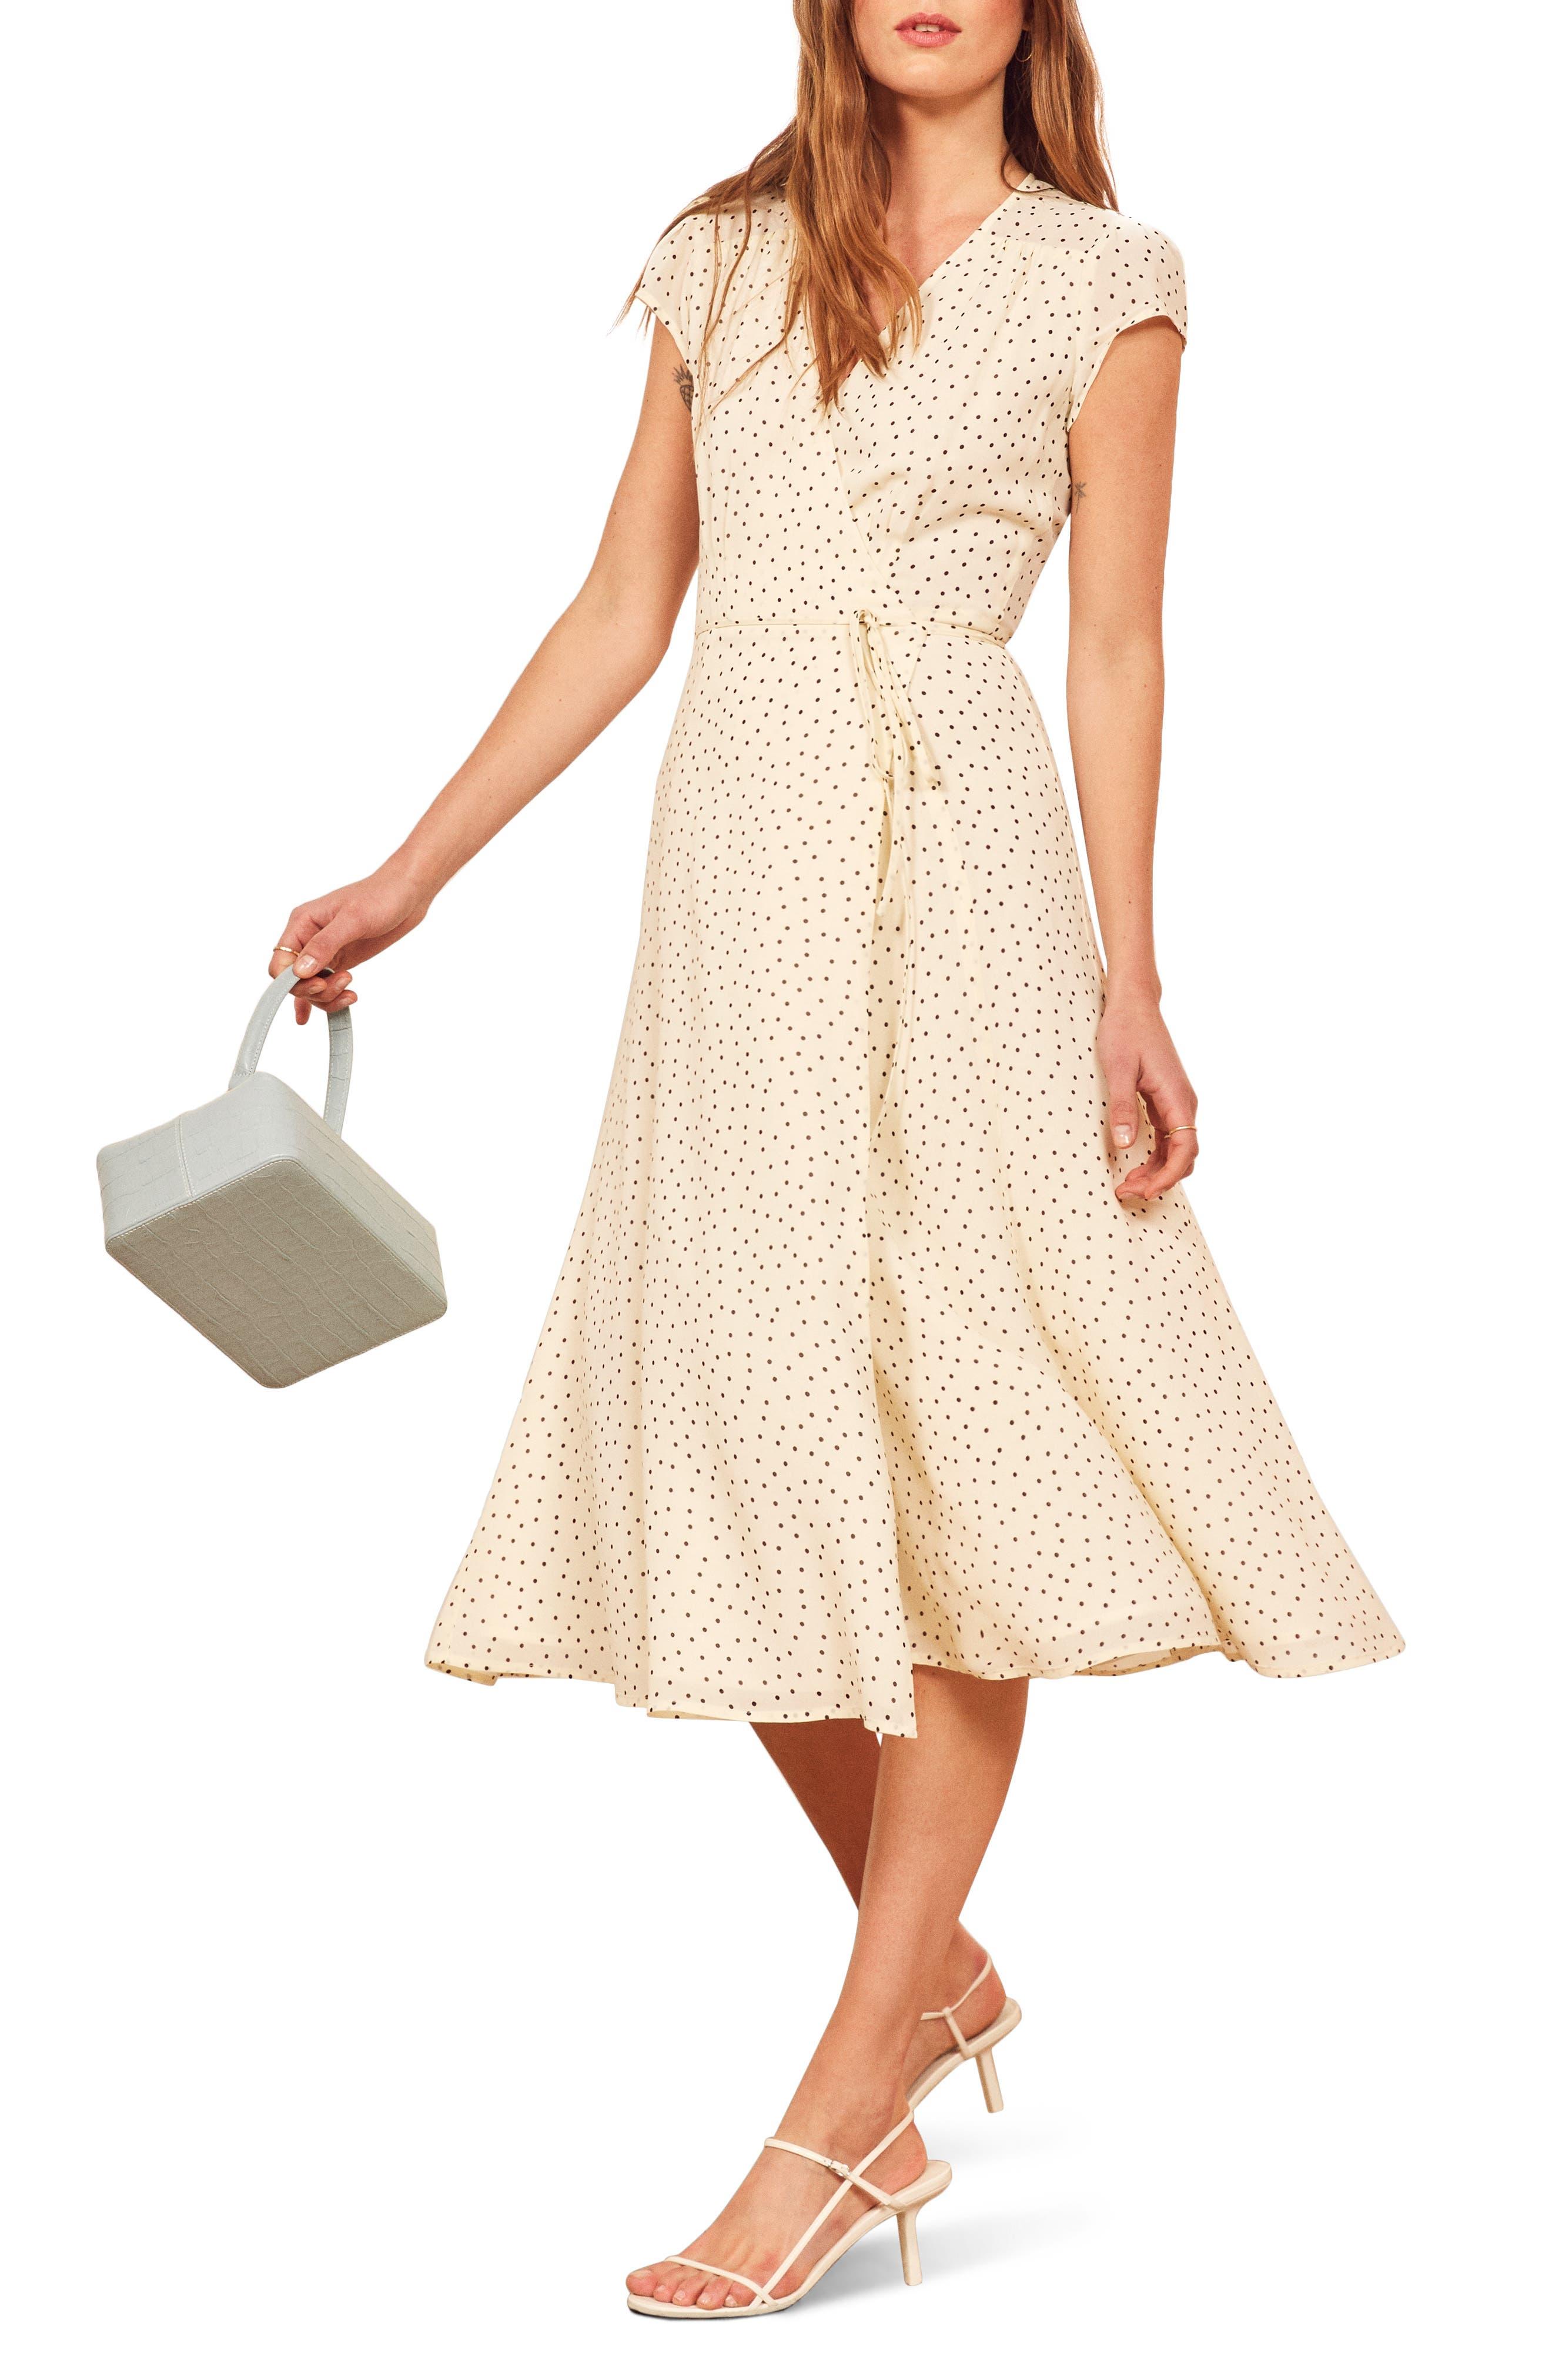 7637440160d3 Women s REFORMATION Dresses